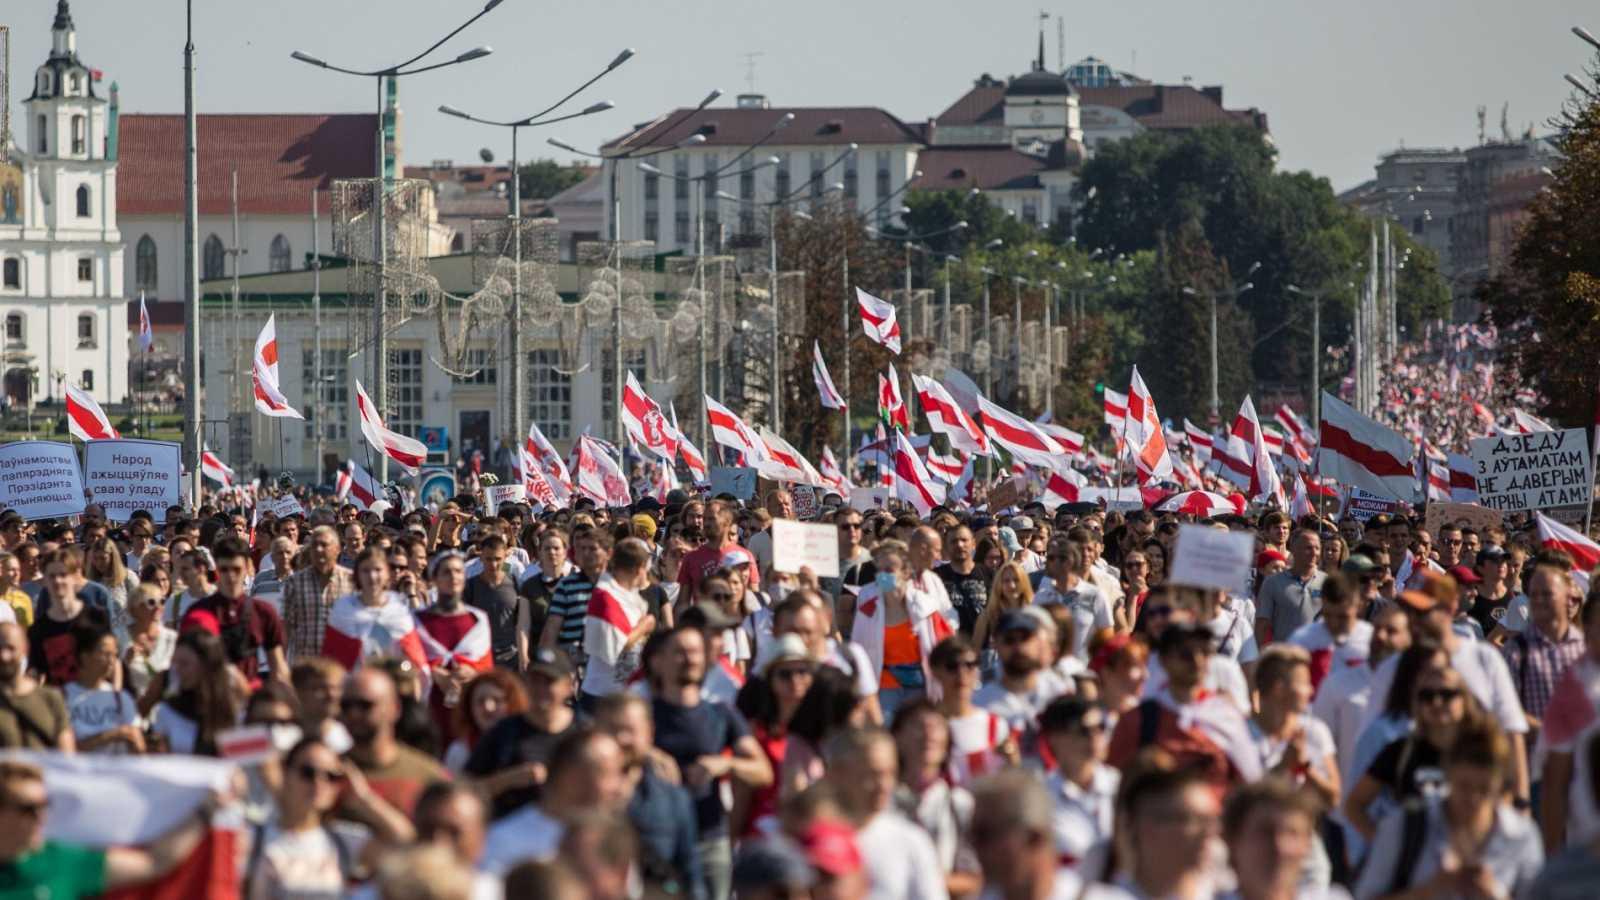 Nueva protesta masiva en Minsk para pedir la marcha de Lukashenko